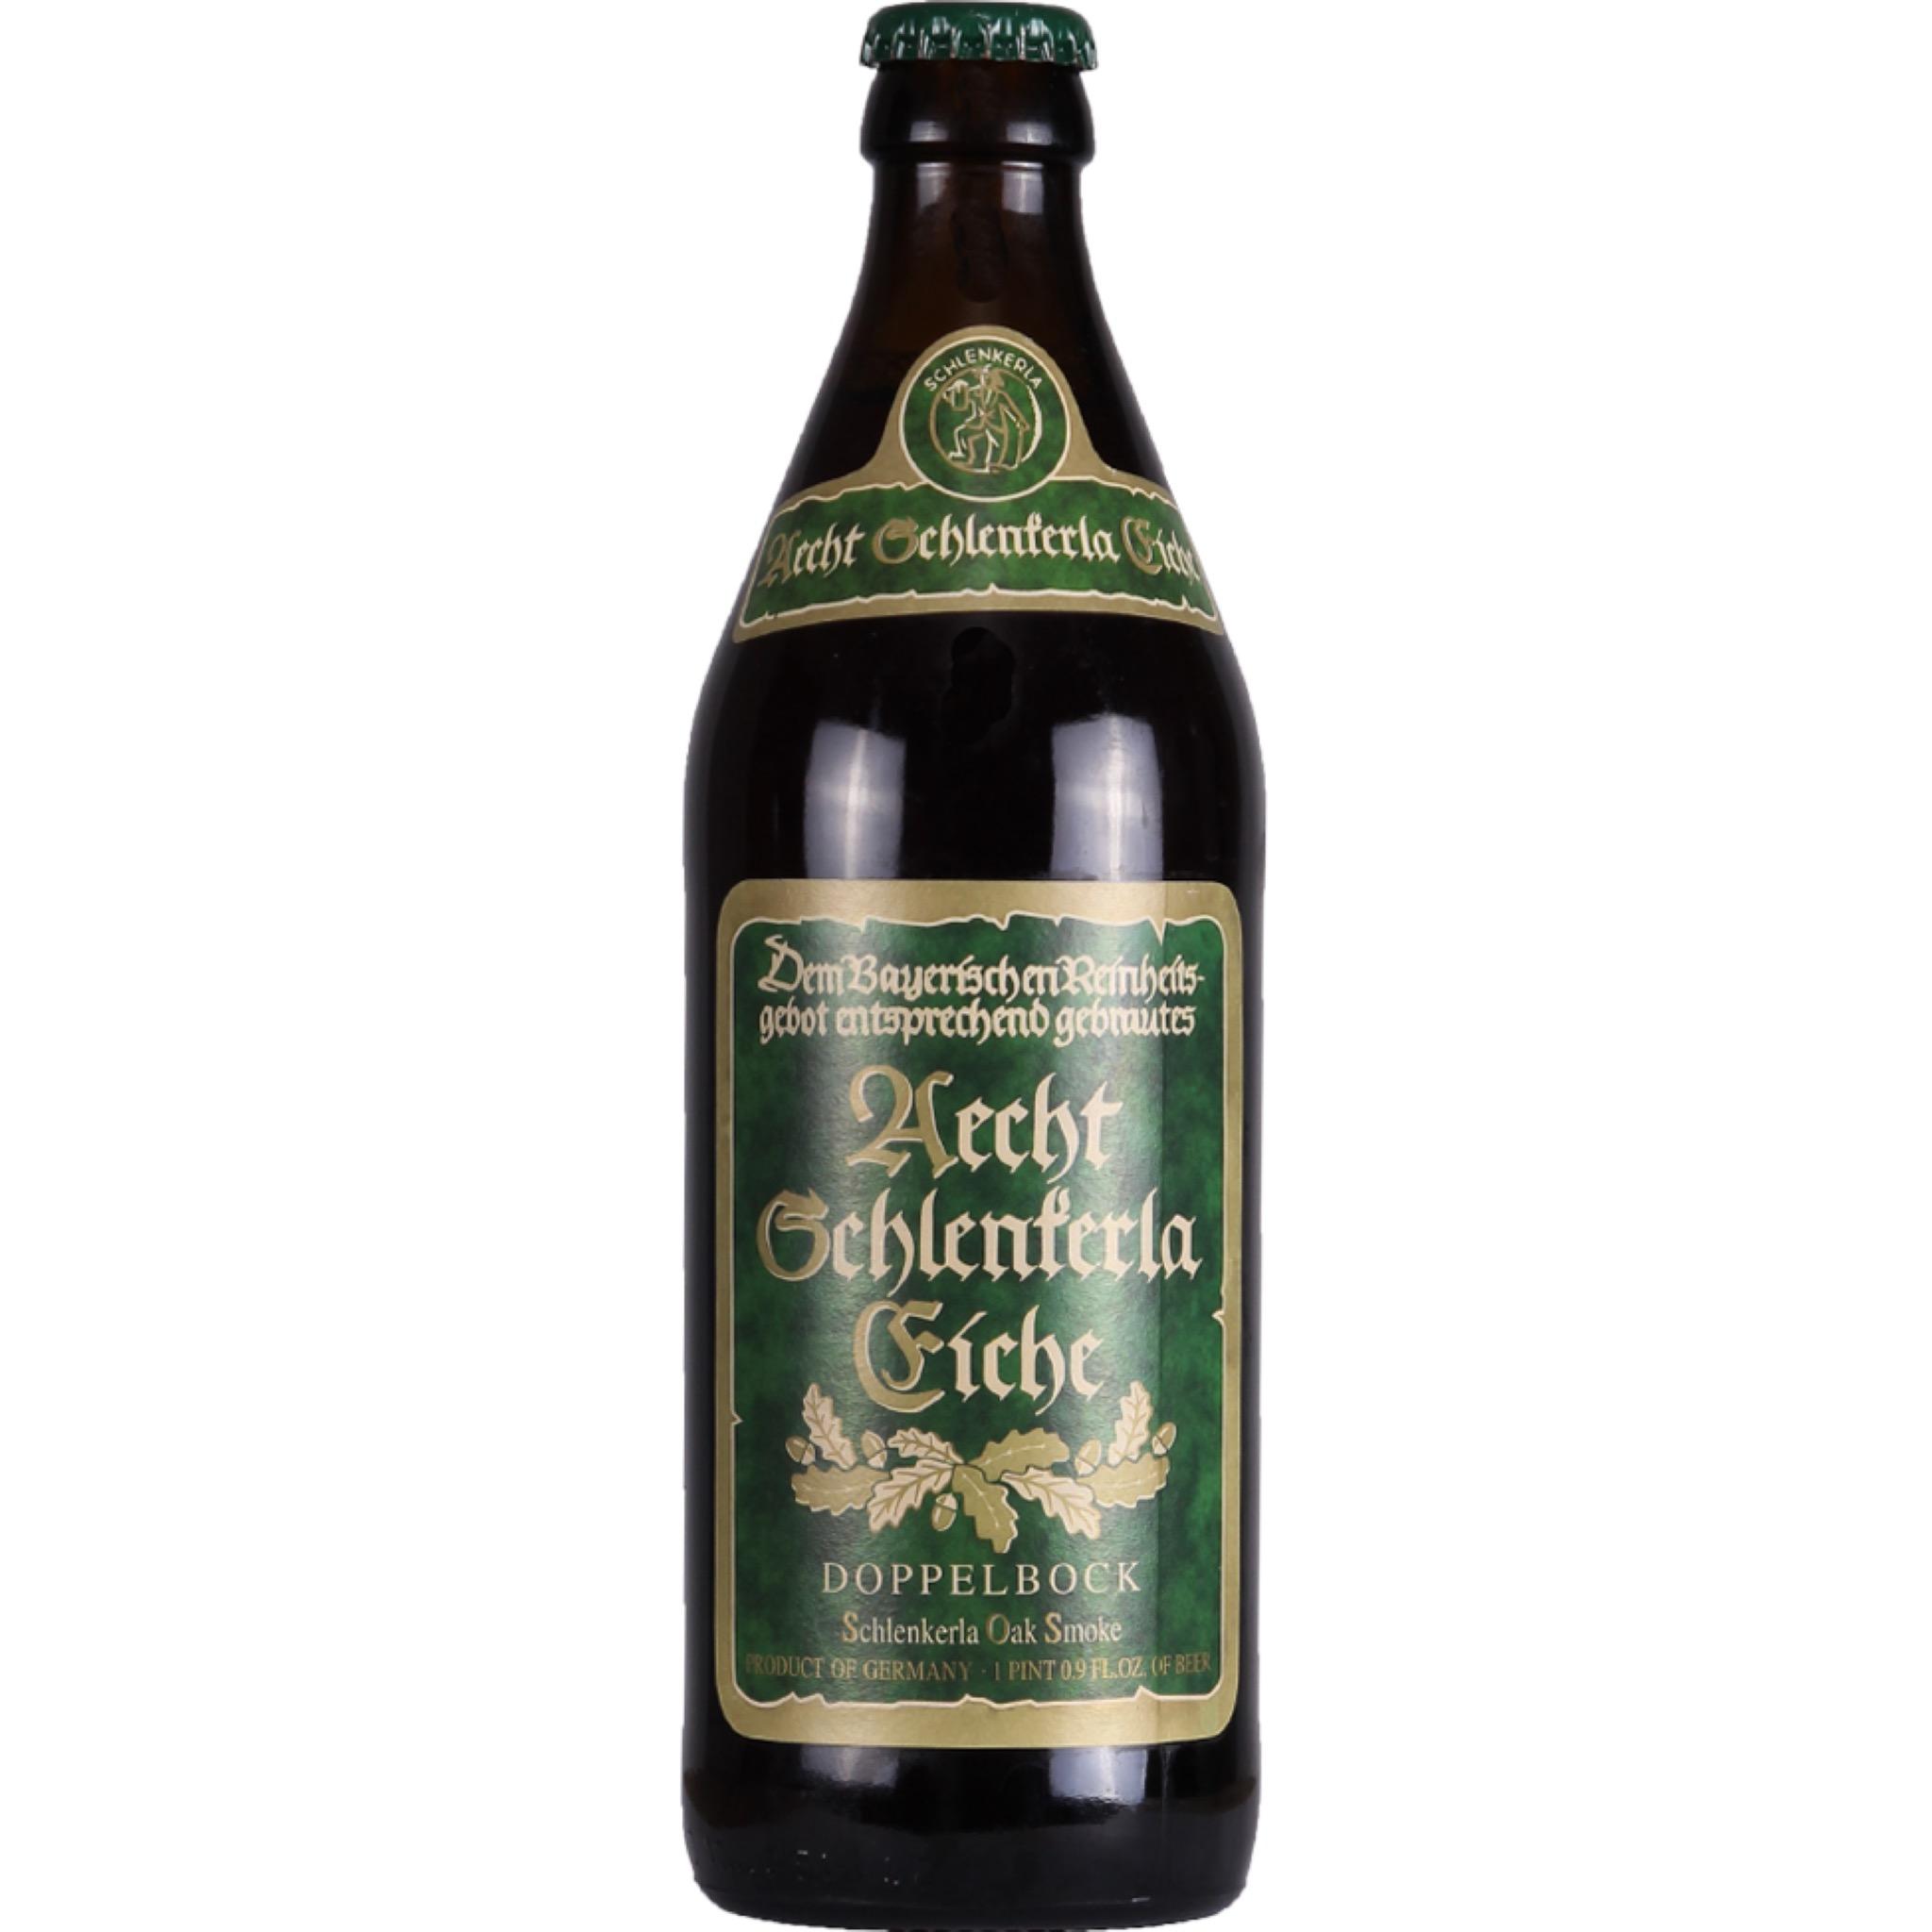 Aecht Schlenkerla Oak Smoke - Eiche Doppelbock 8% 500ml